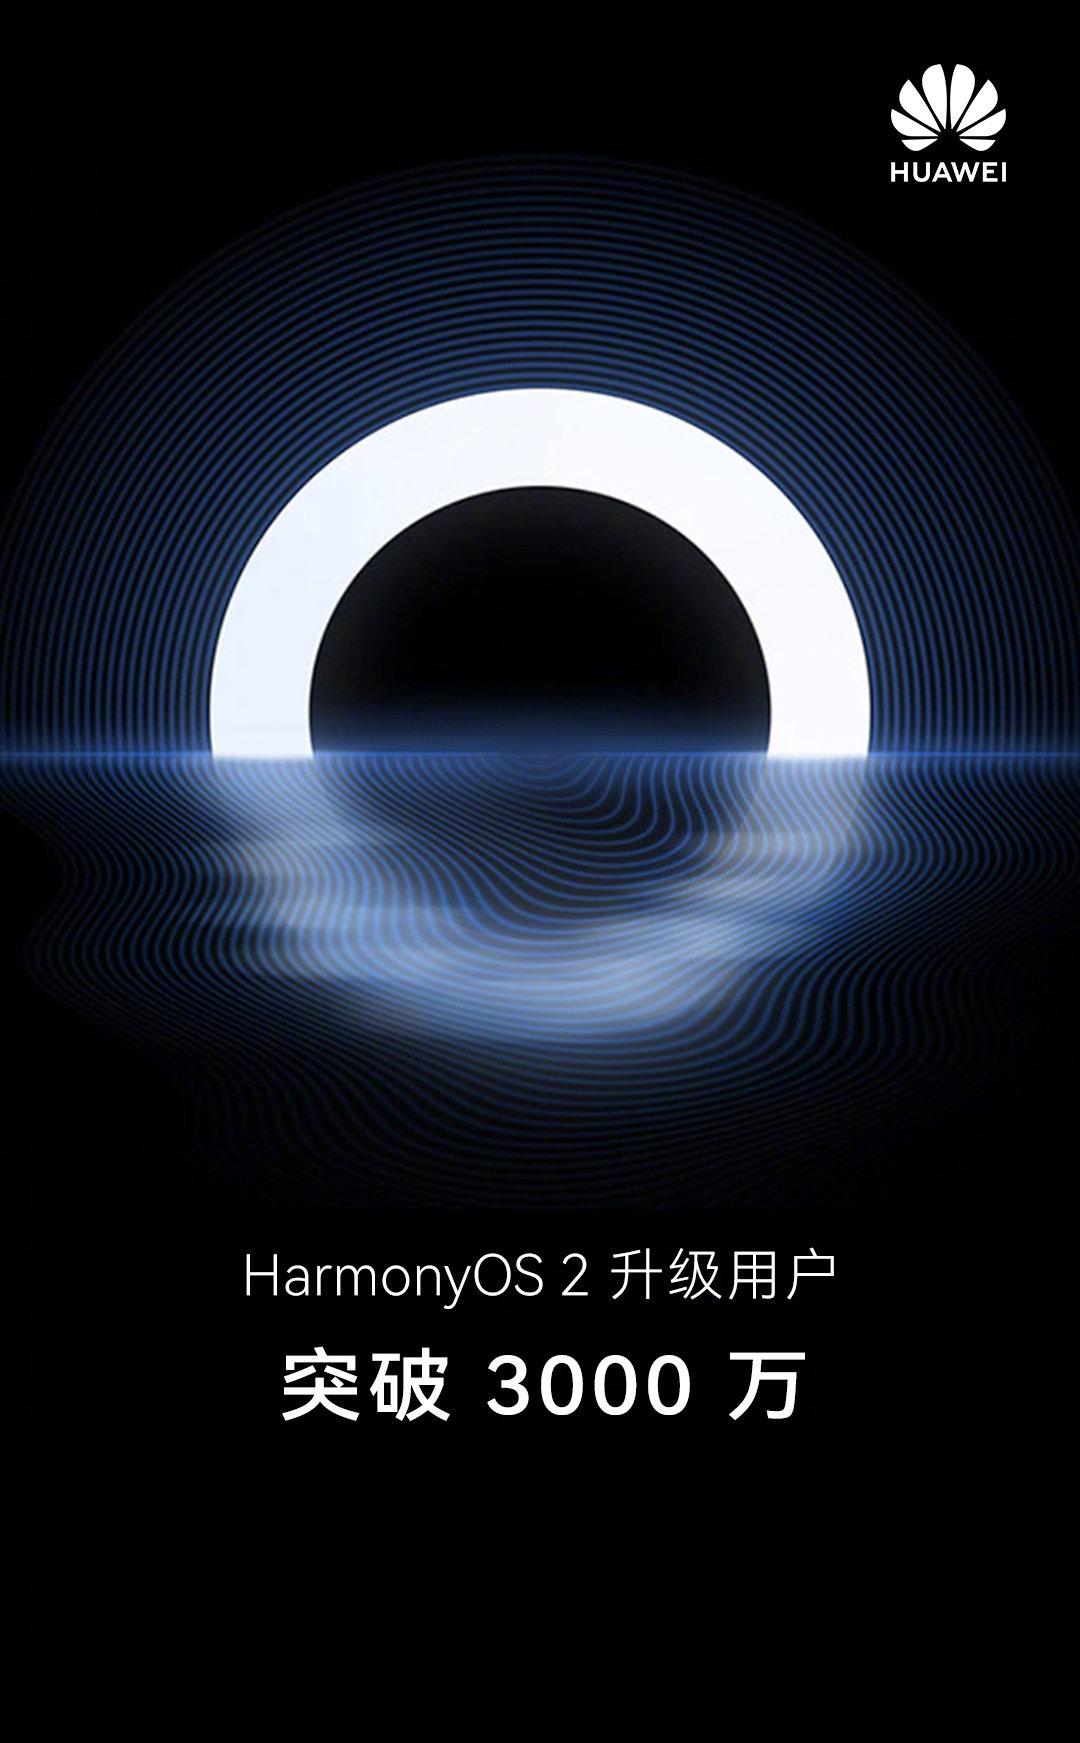 华为鸿蒙用户突破3000万人 新可升级机型公布